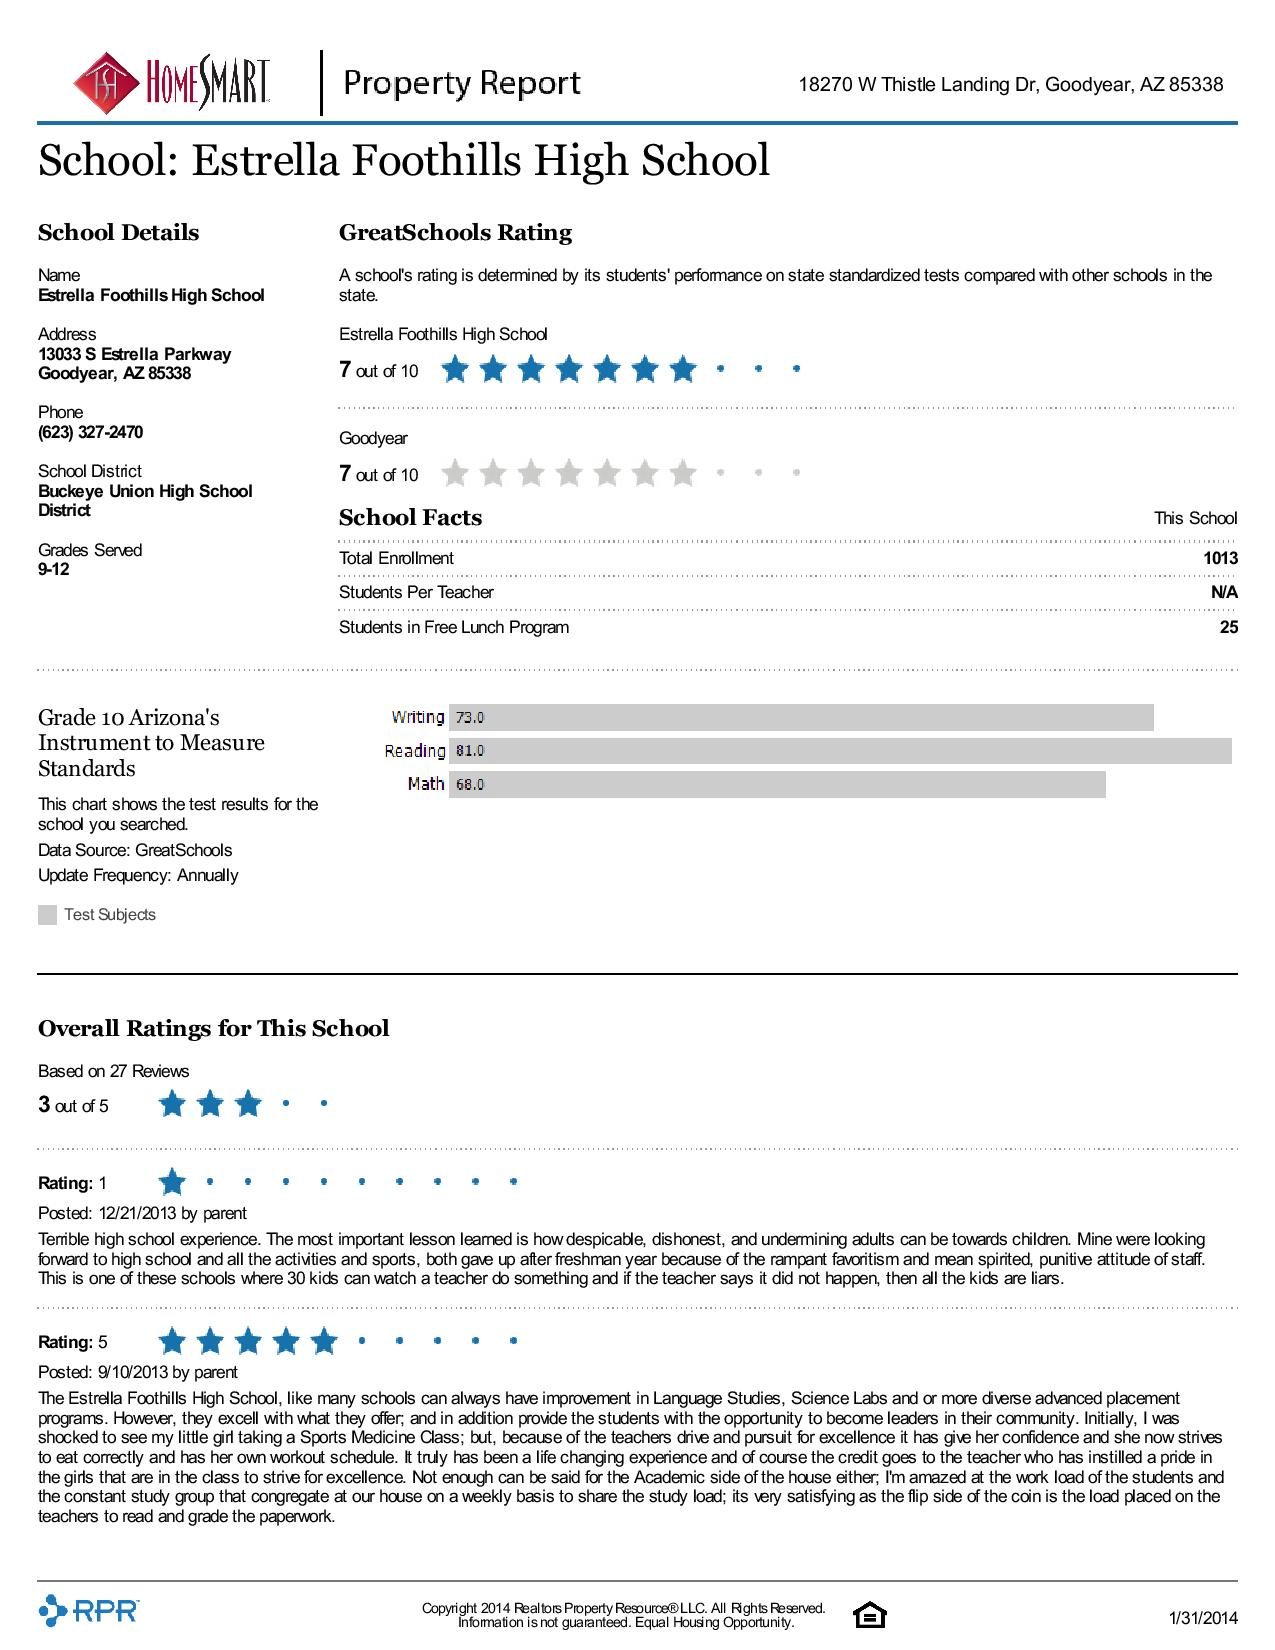 18270-W-Thistle-Landing-Dr-Goodyear-AZ-85338.pdf-page-008